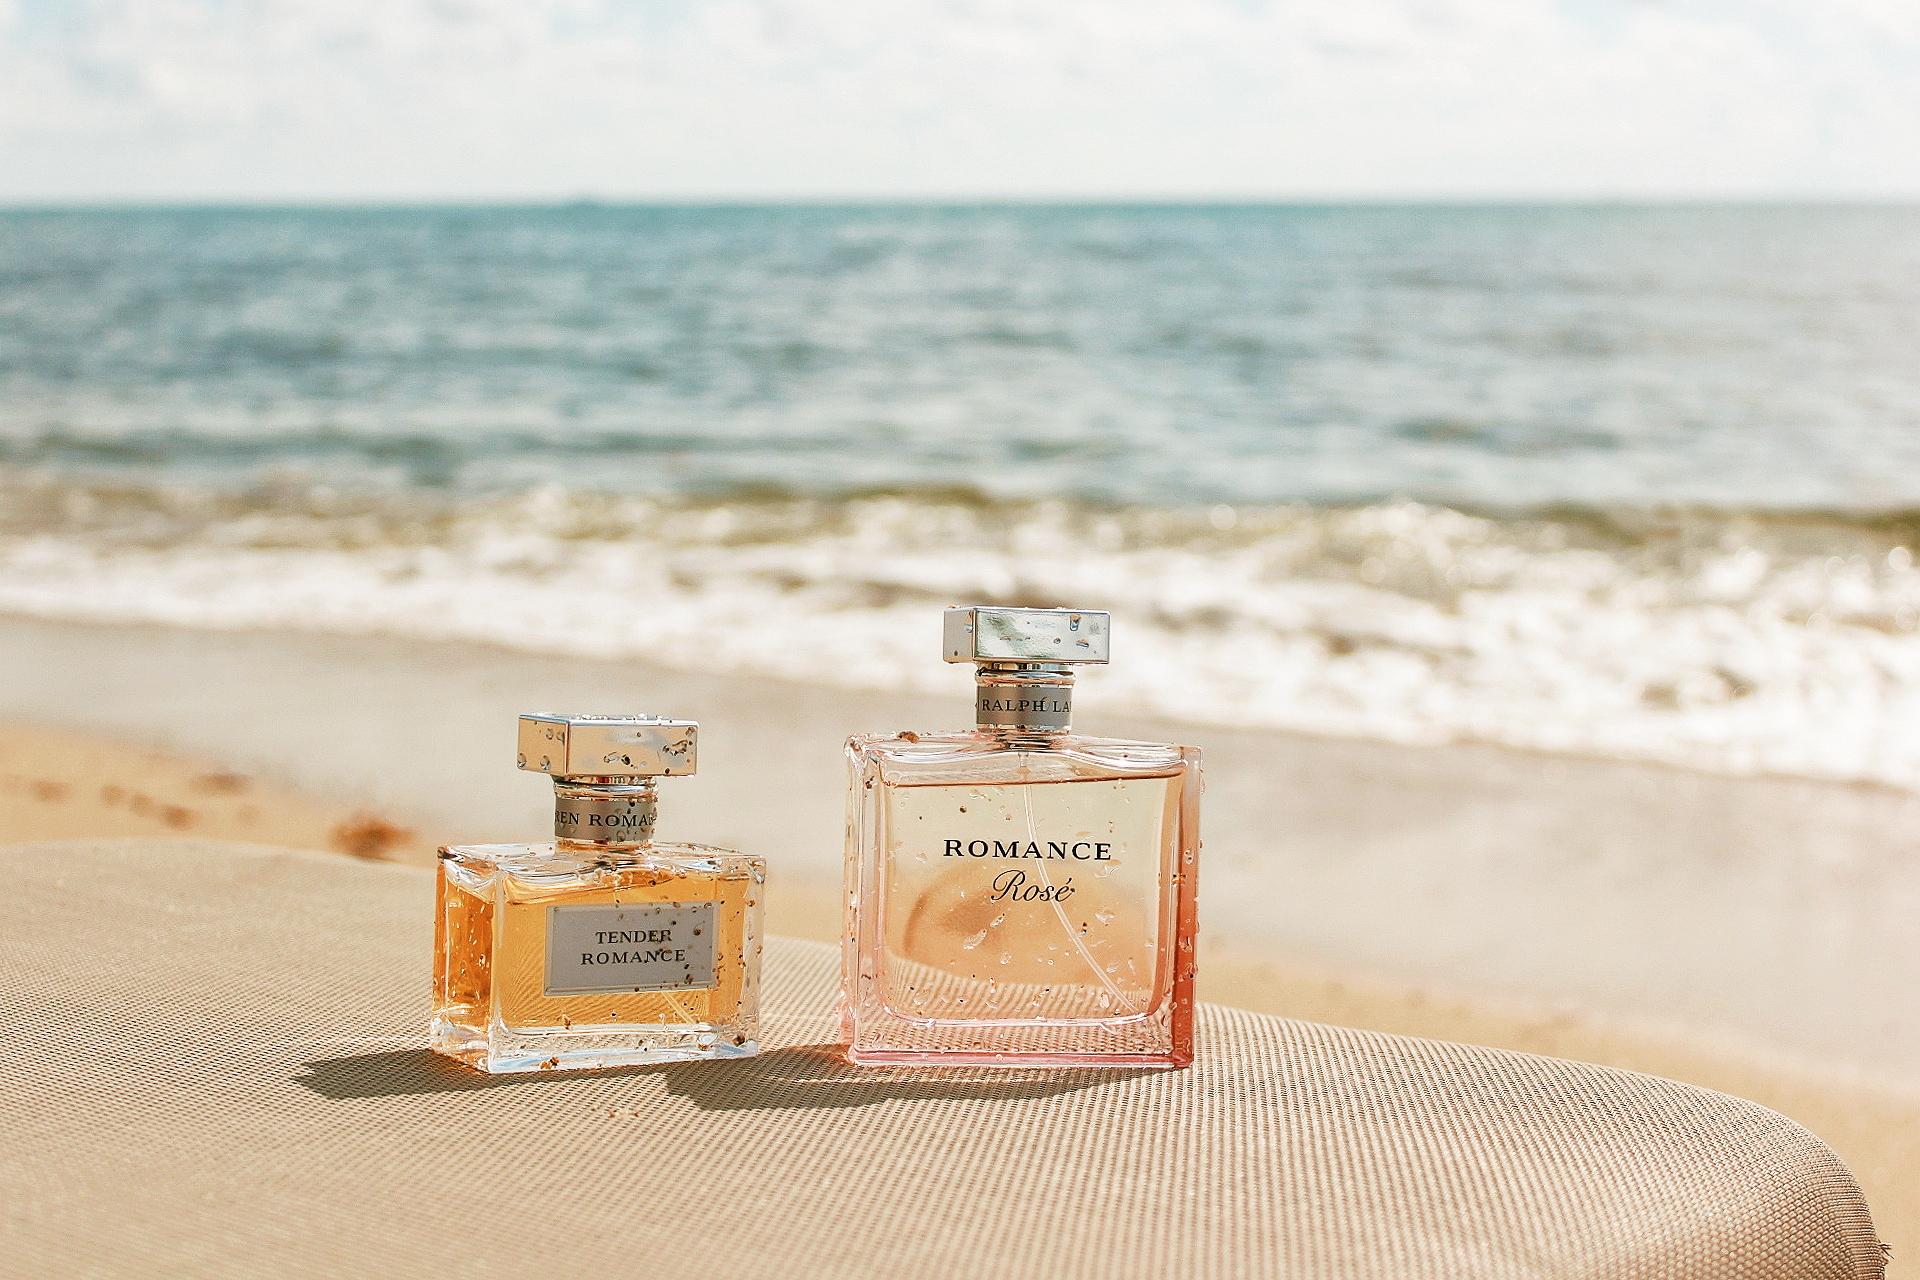 ralph-lauren-romance-rose-fragrance